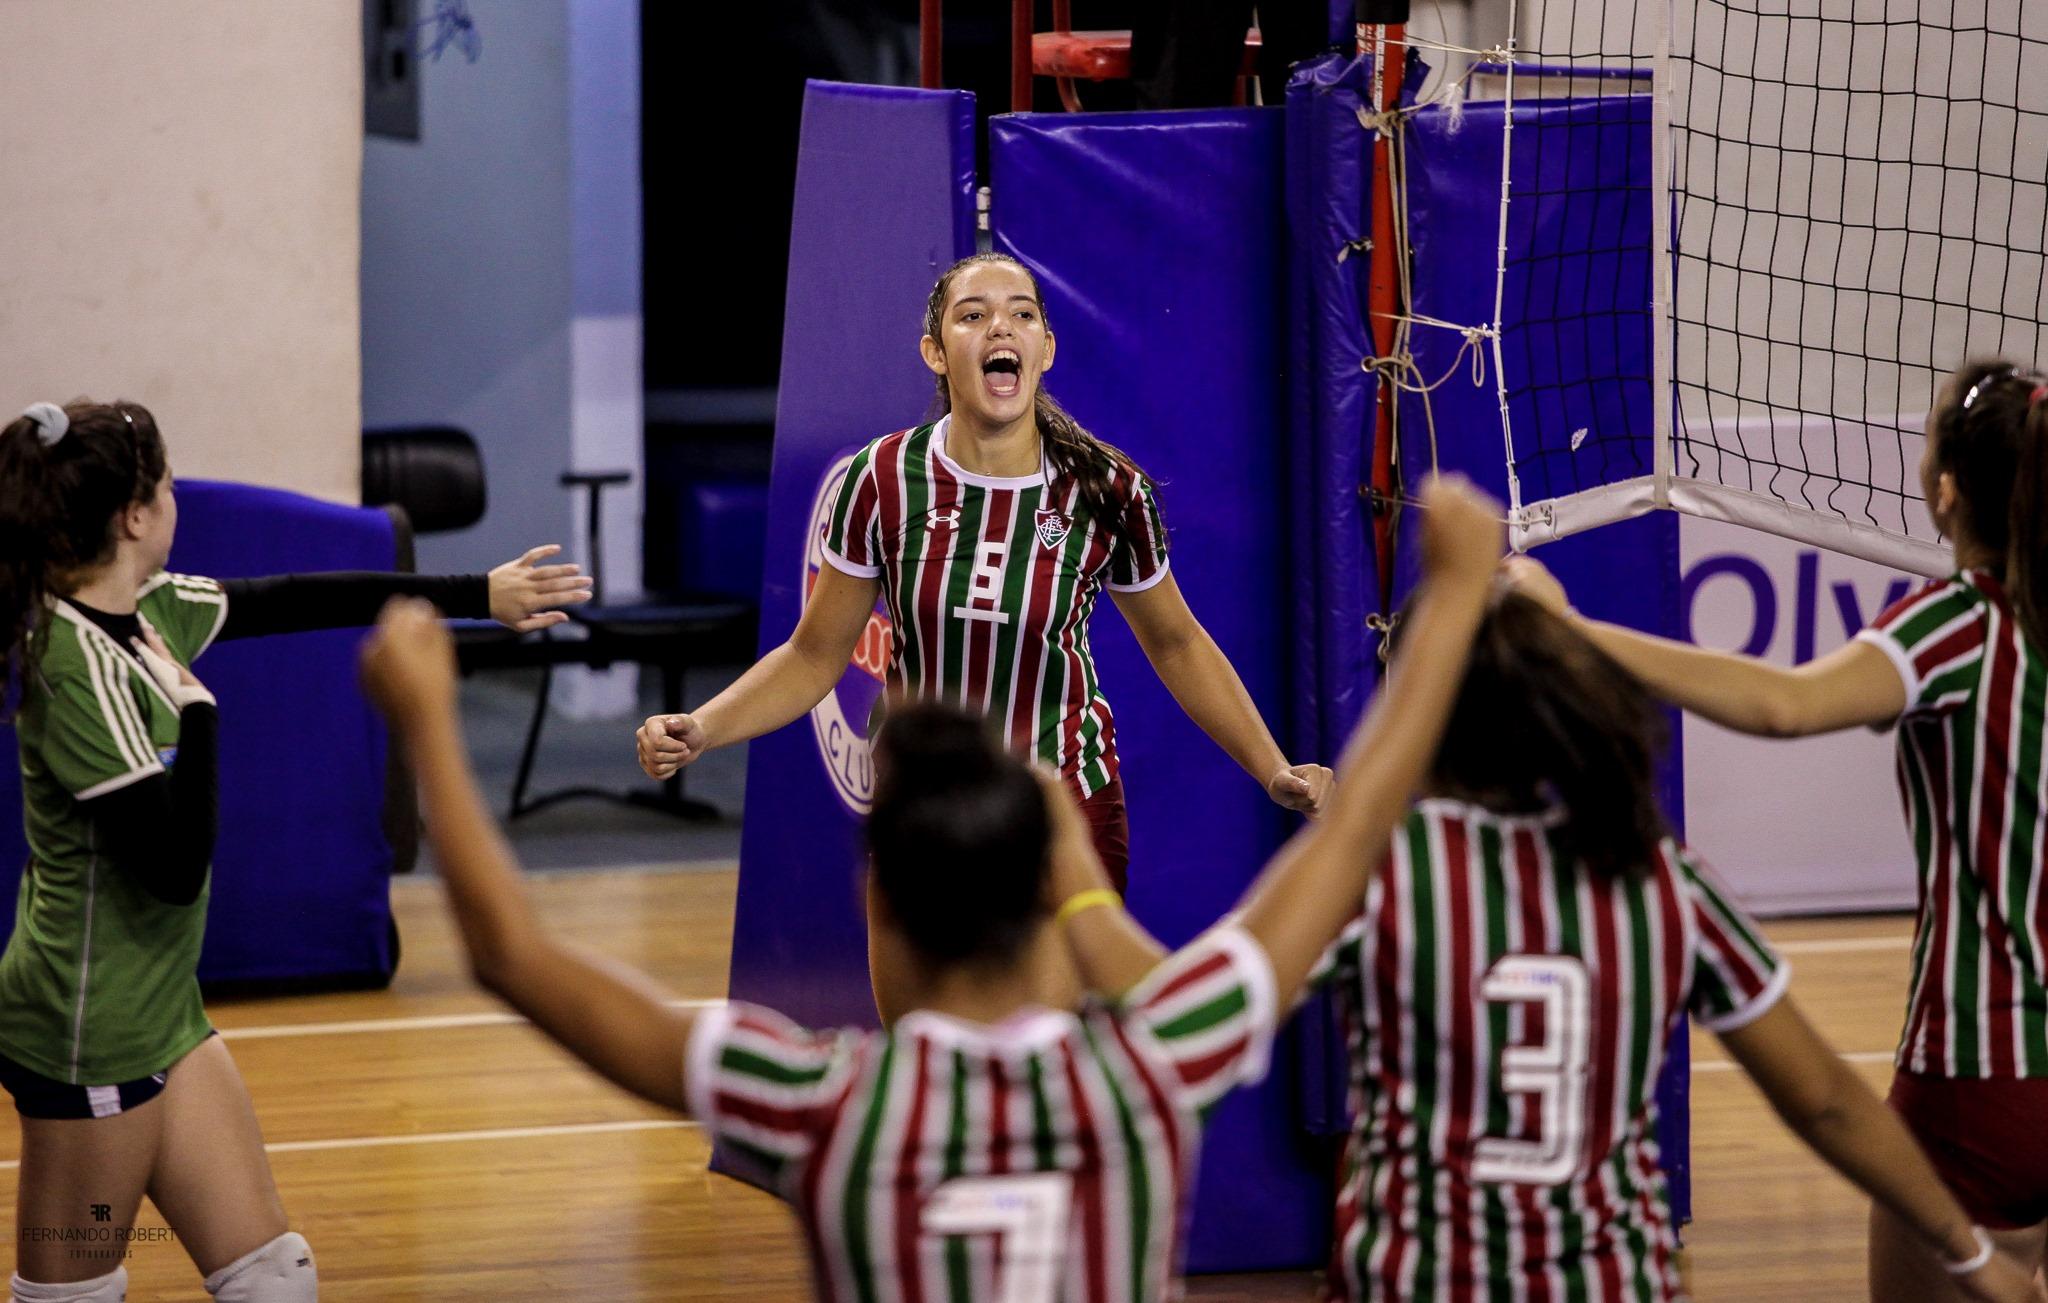 Duelo carioca decidirá o título em Belo Horizonte